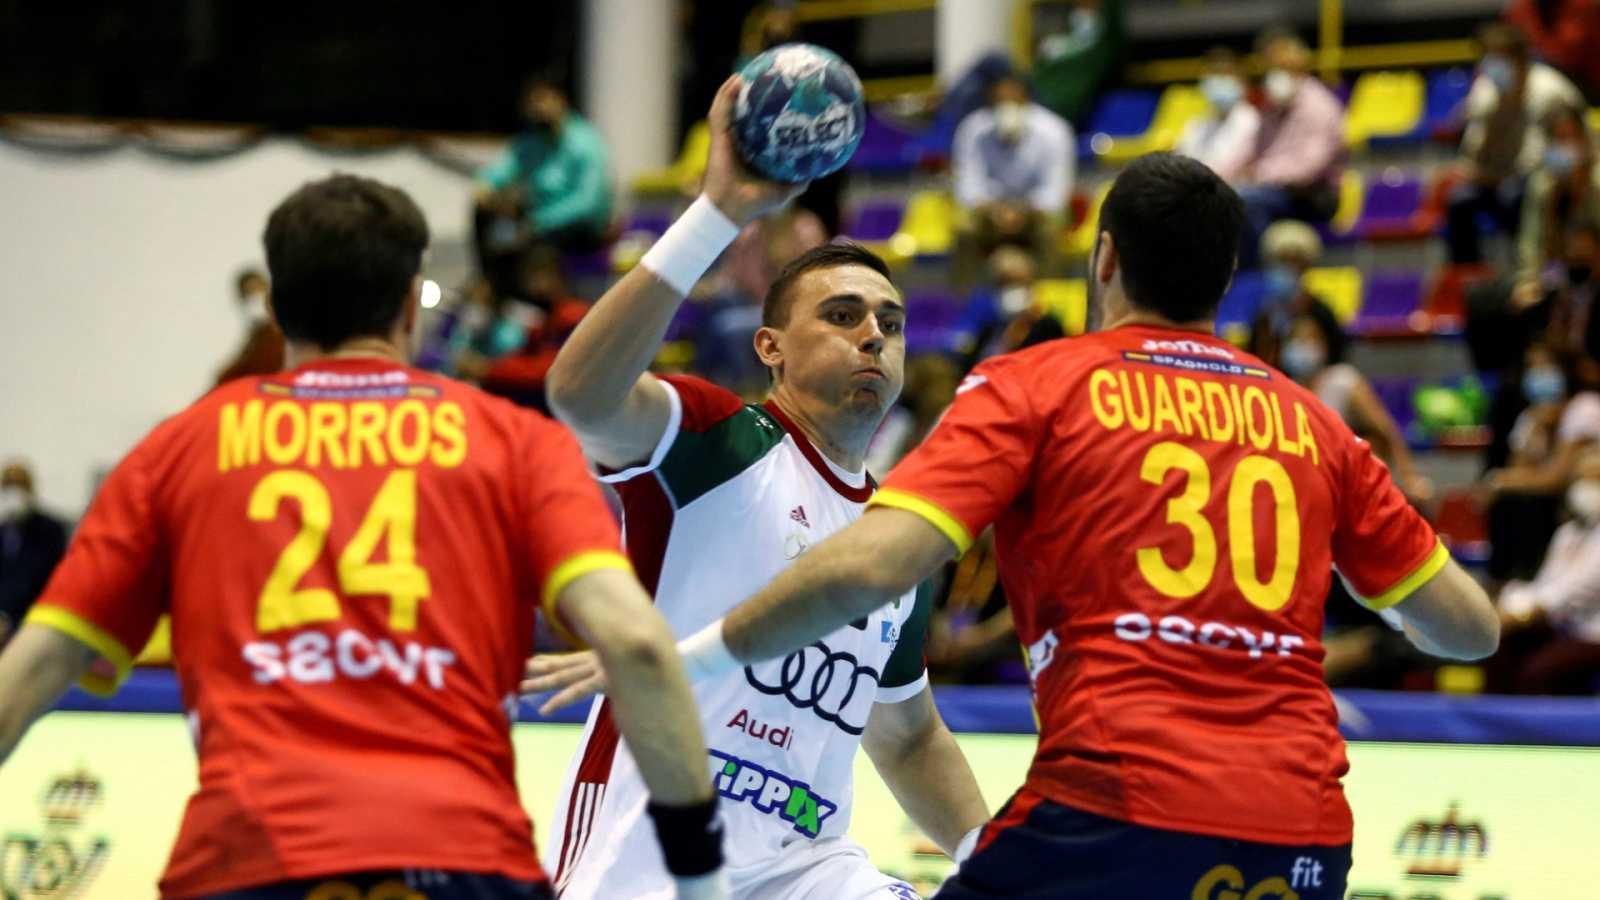 Balonmano - EHF Cup. Selecciones masculinas: España - Hungría - ver ahora